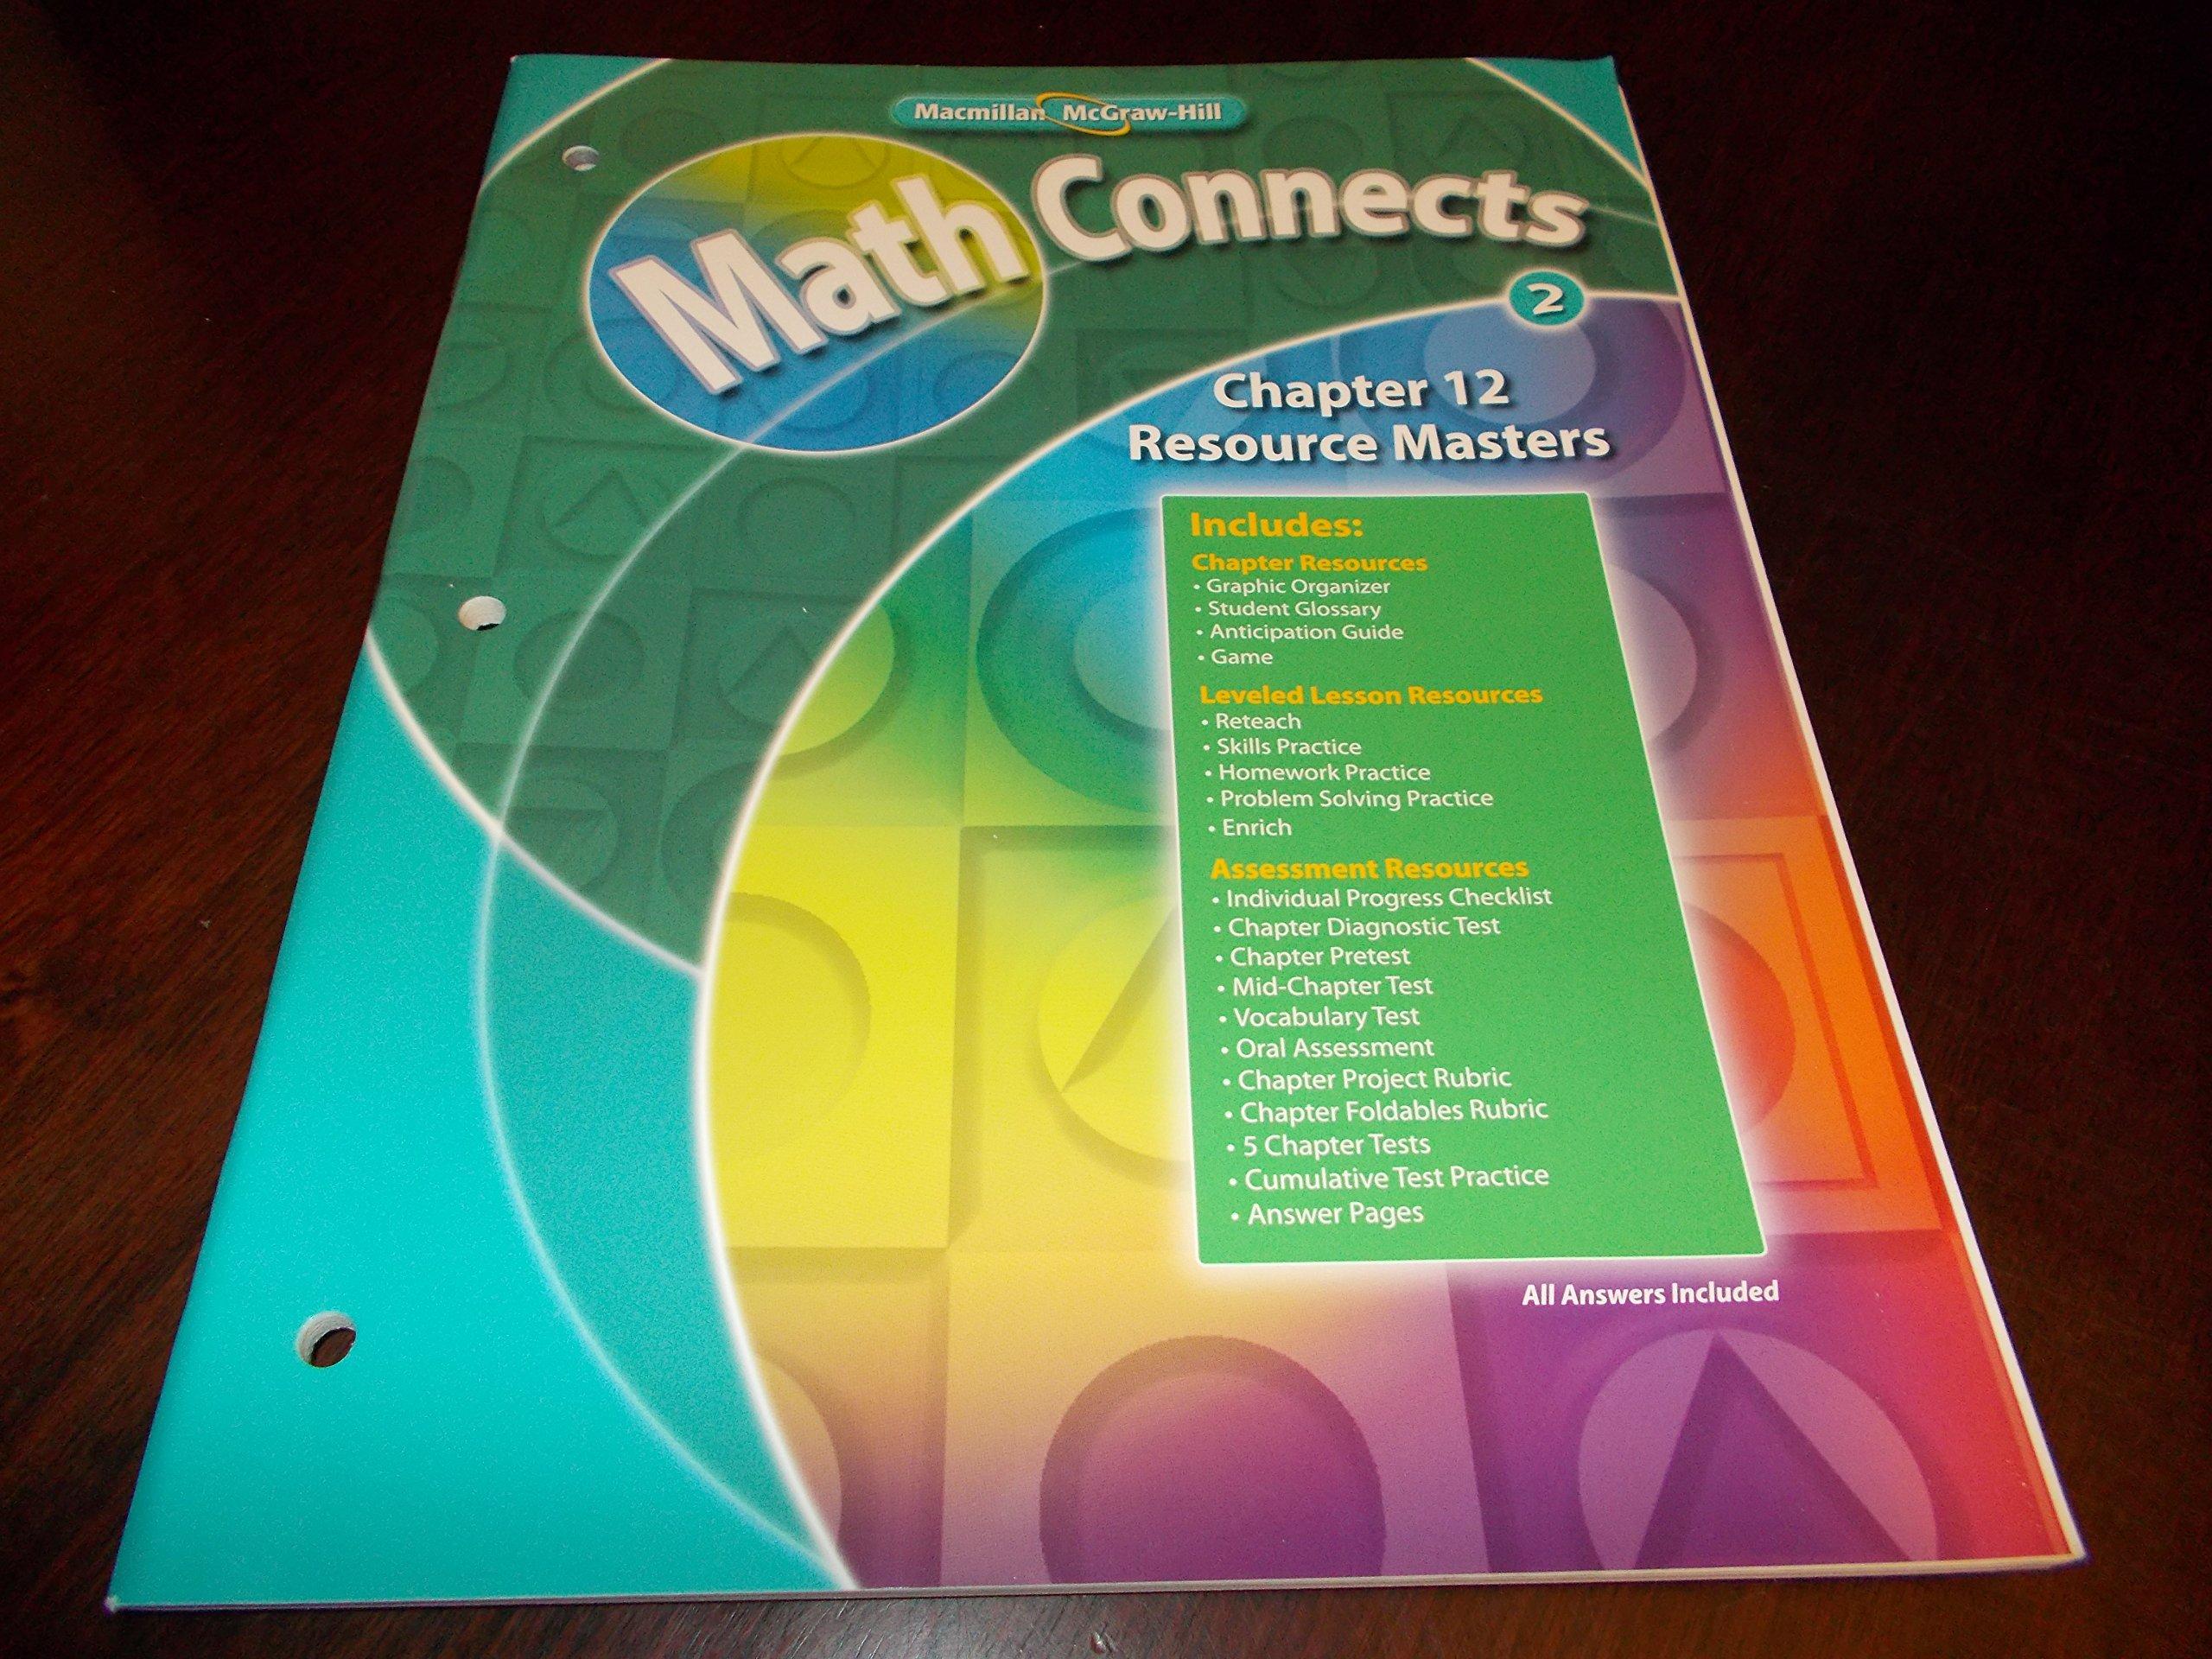 Chapter 12 Resource Masters Macmillan McGraw-Hill Math